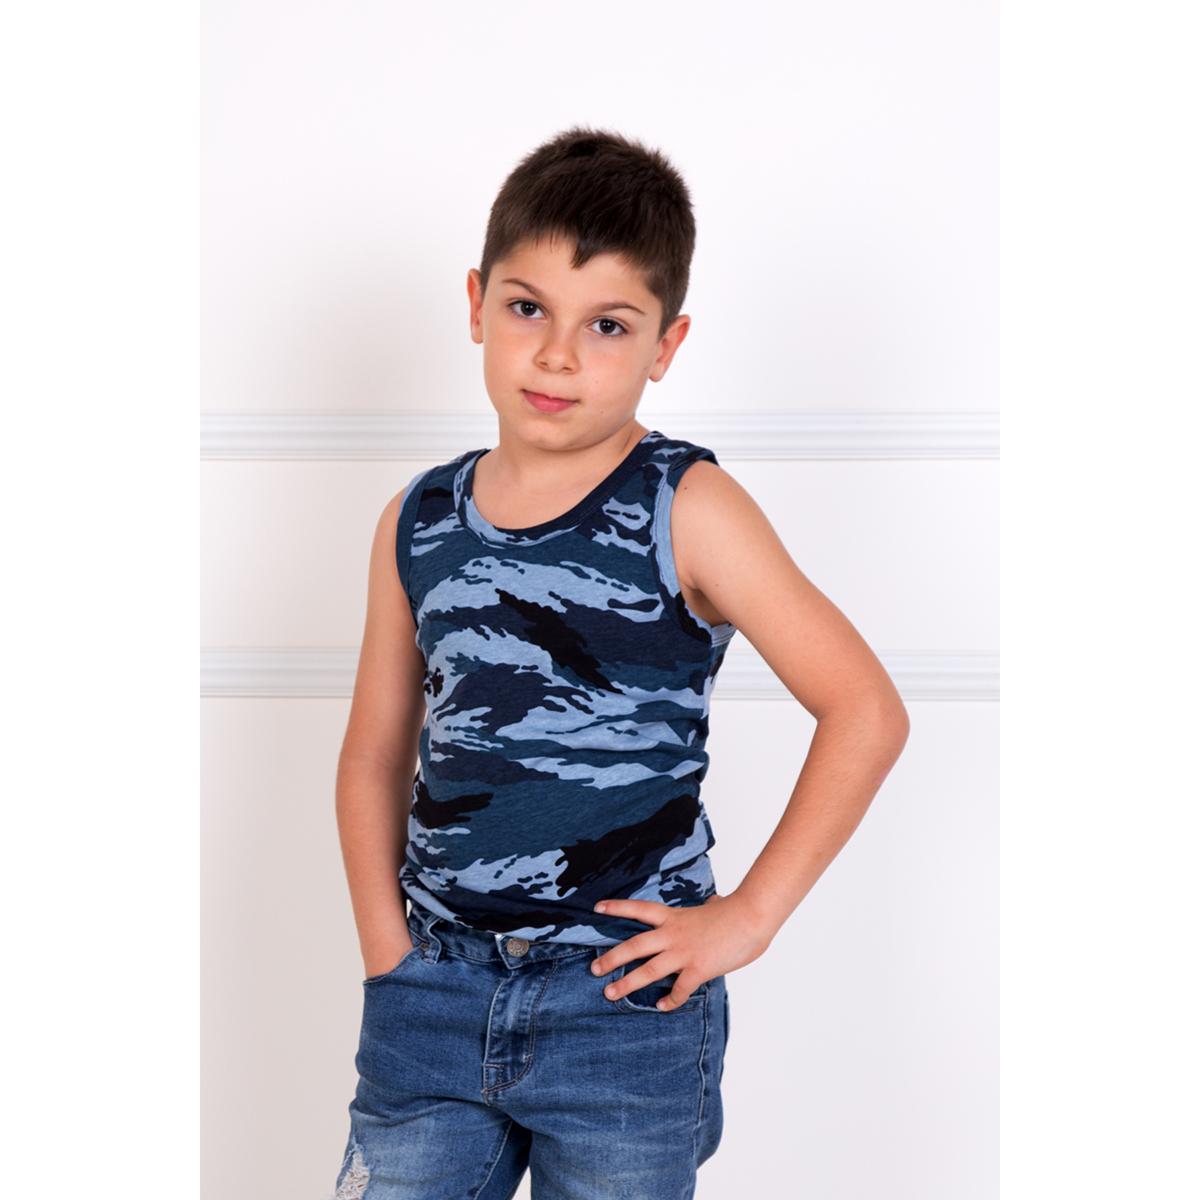 Детская майка Хаки Синий, размер 26Майки и футболки<br><br><br>Тип: Дет. футболка<br>Размер: 26<br>Материал: Кулирка